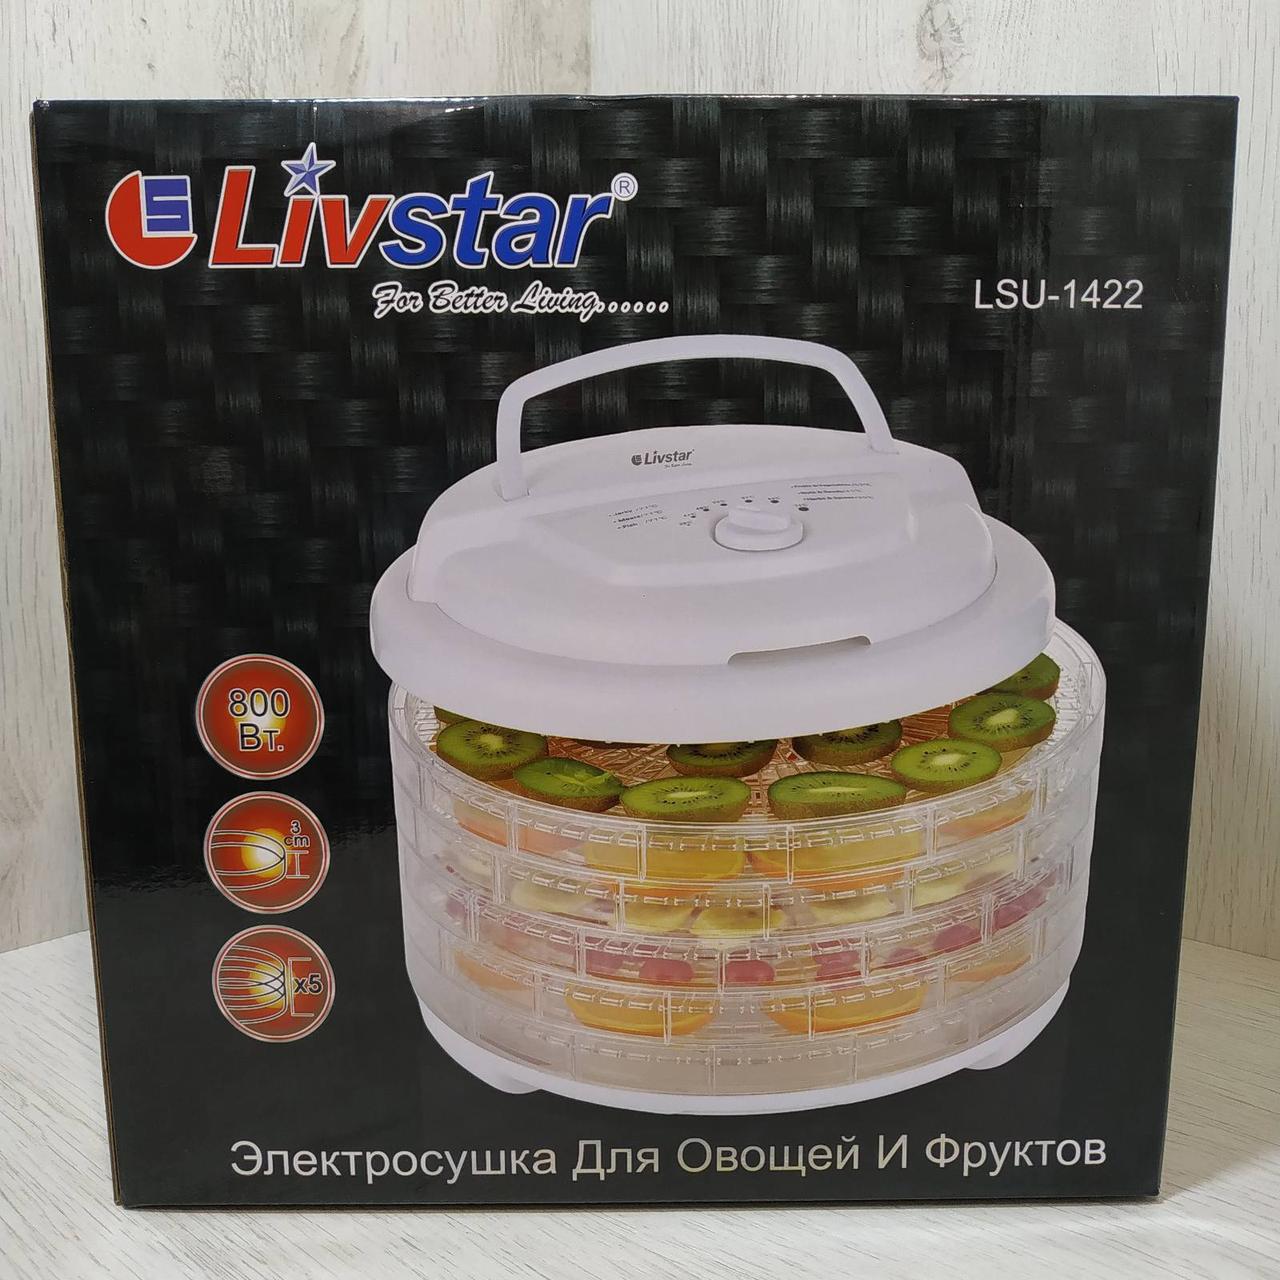 Електросушарка (дегидратор) для фруктів, овочів, грибів Livstar LSU-1422